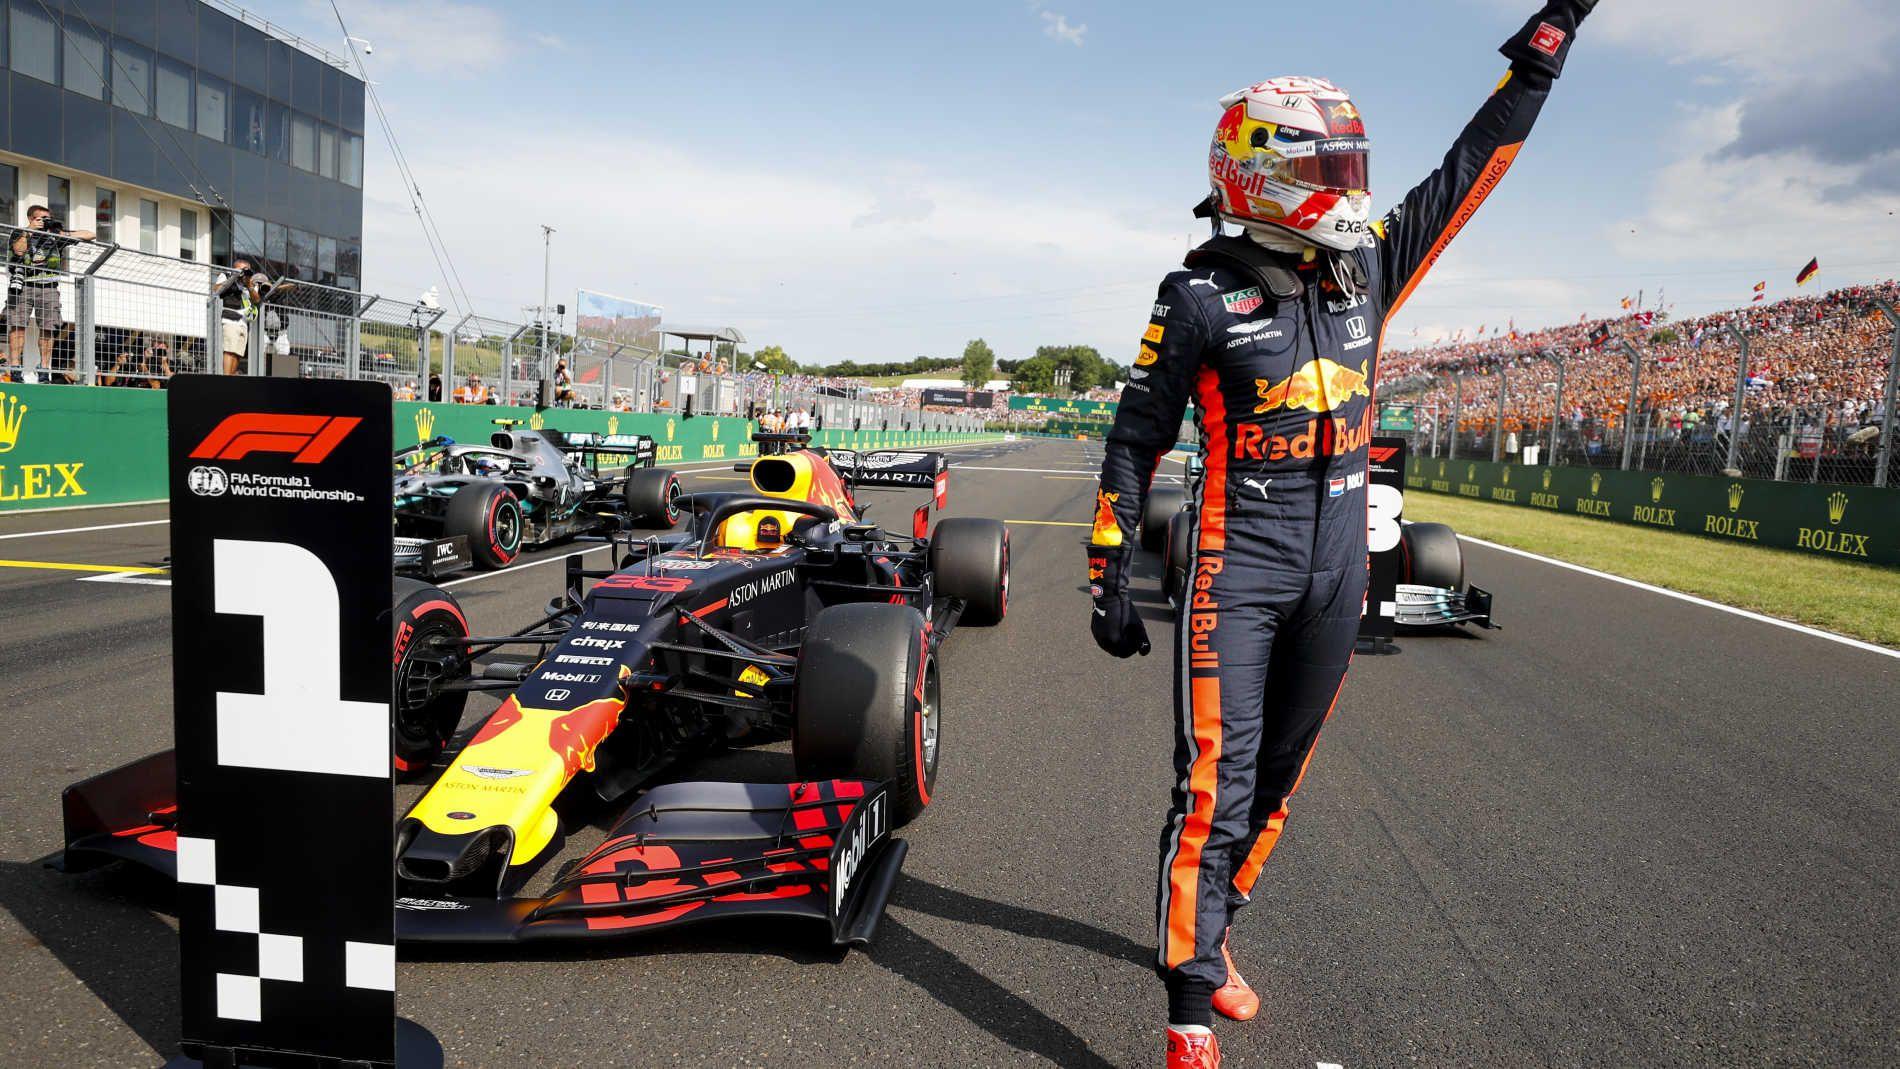 Pin On Formula1news Co Uk Latest F1 News Analysis